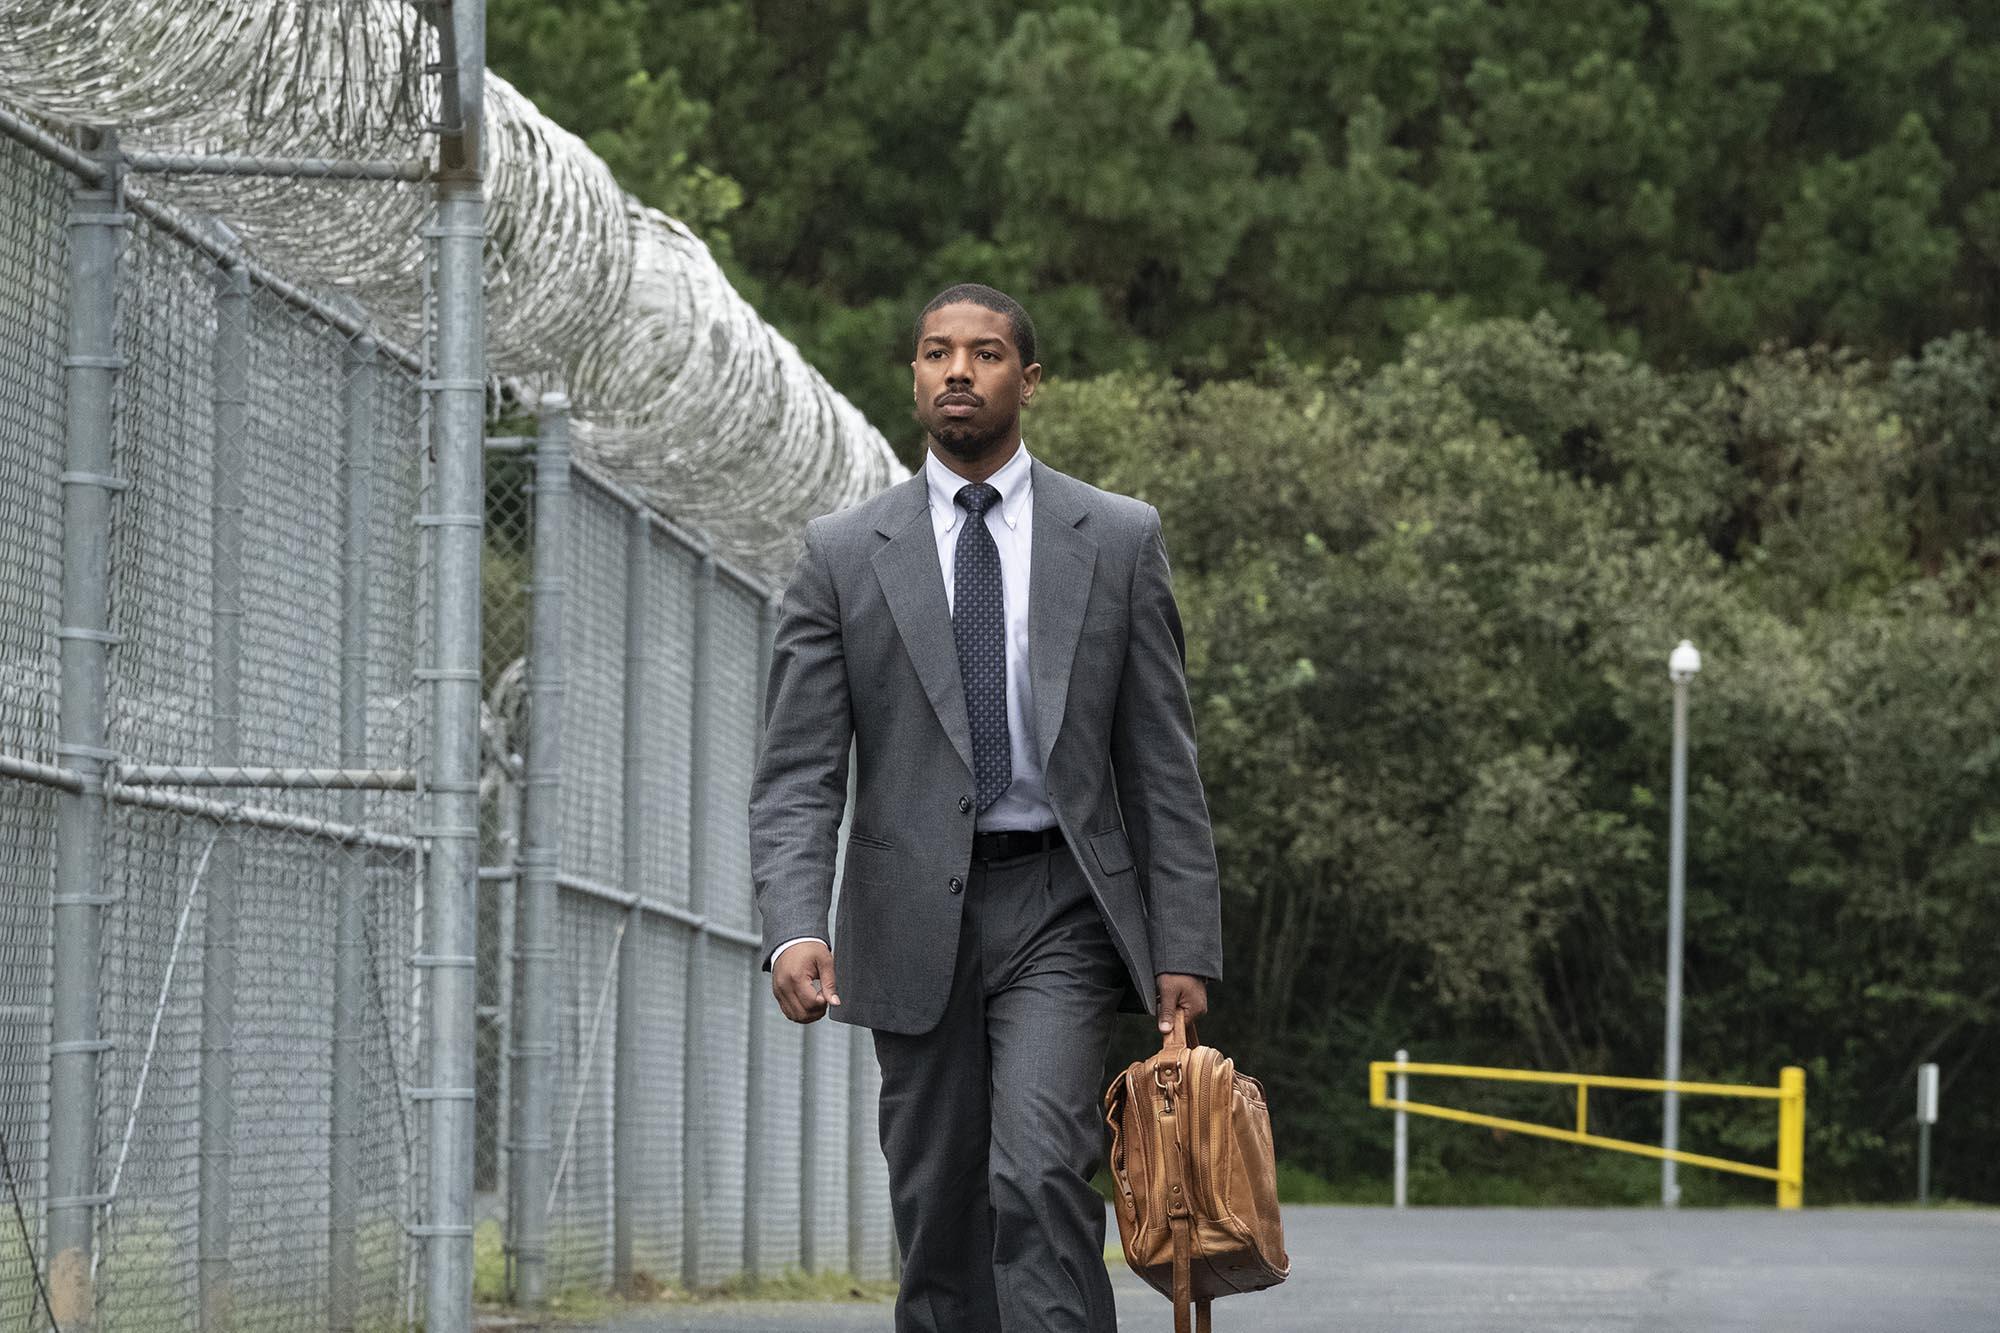 被譽為美版曼德拉、為弱勢而戰的人權律師布萊恩史蒂文森